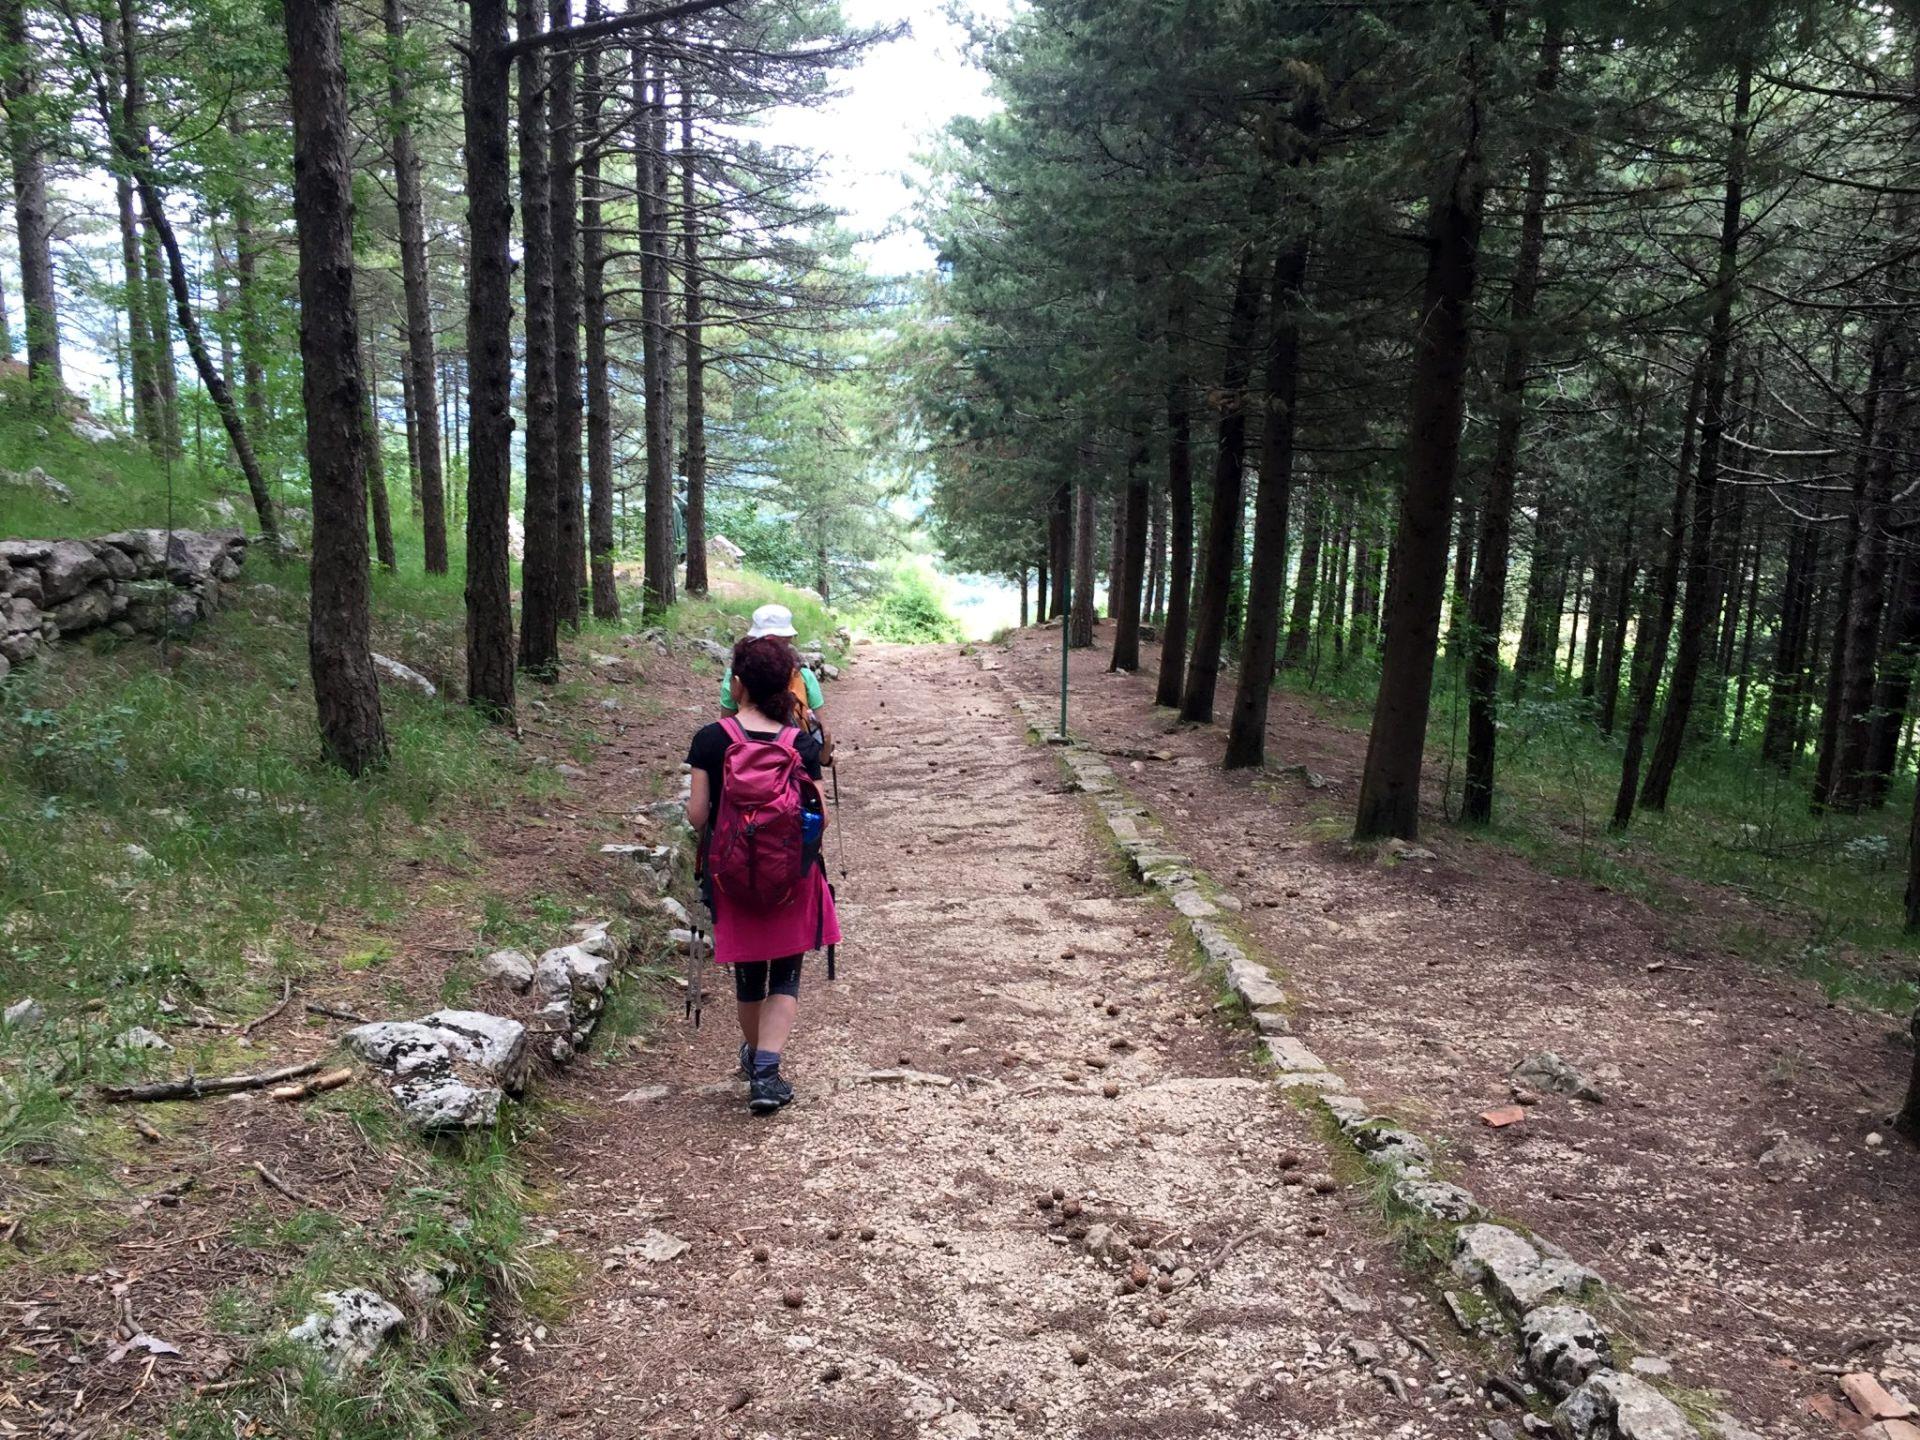 sentiero molisano via matris castelpetroso isernia molise